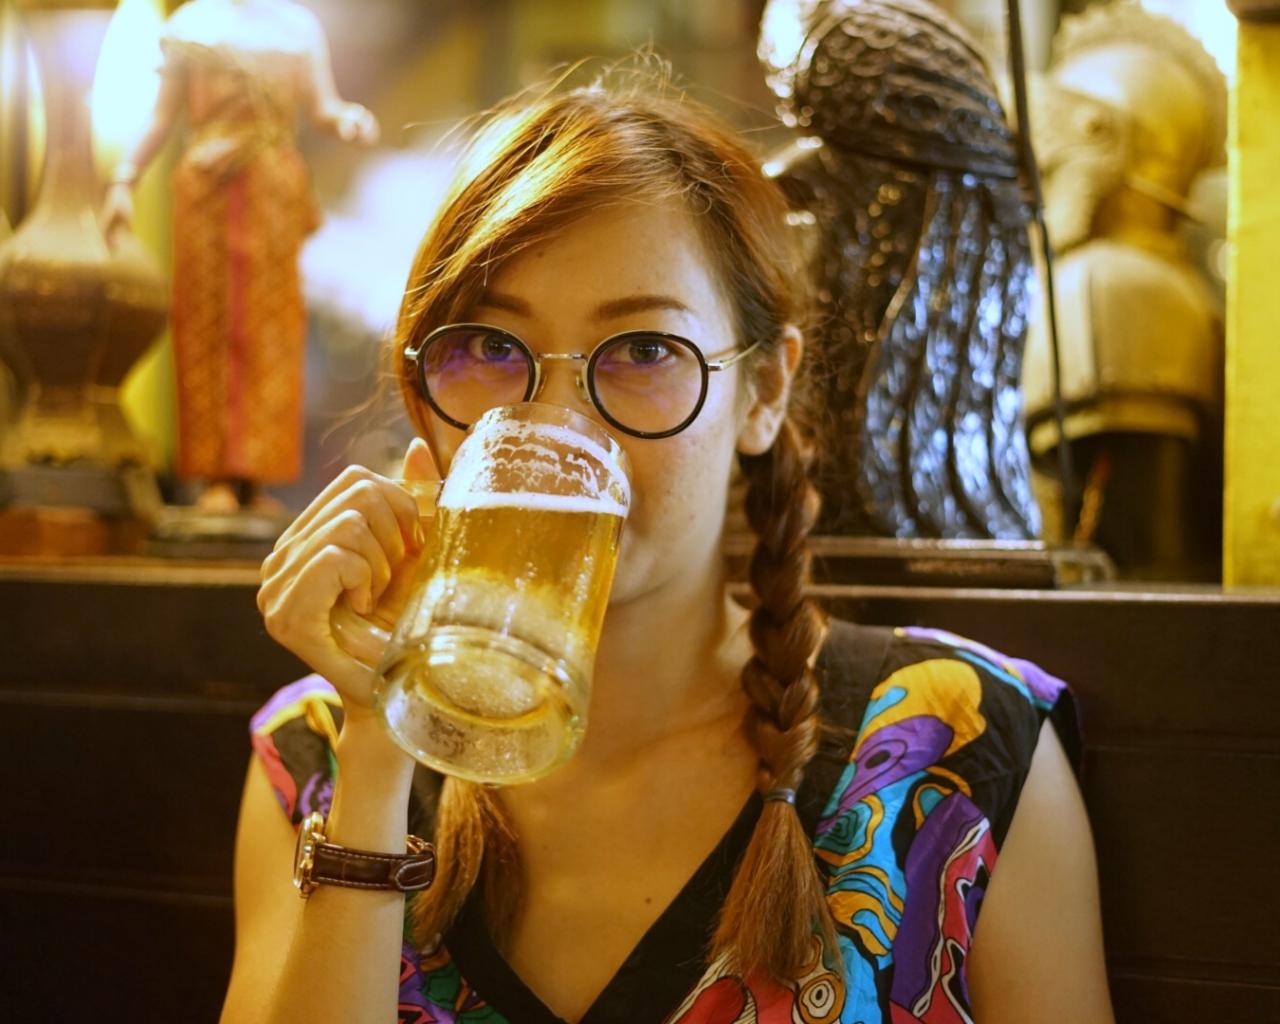 Chicas tomando cerveza - 1280x1024